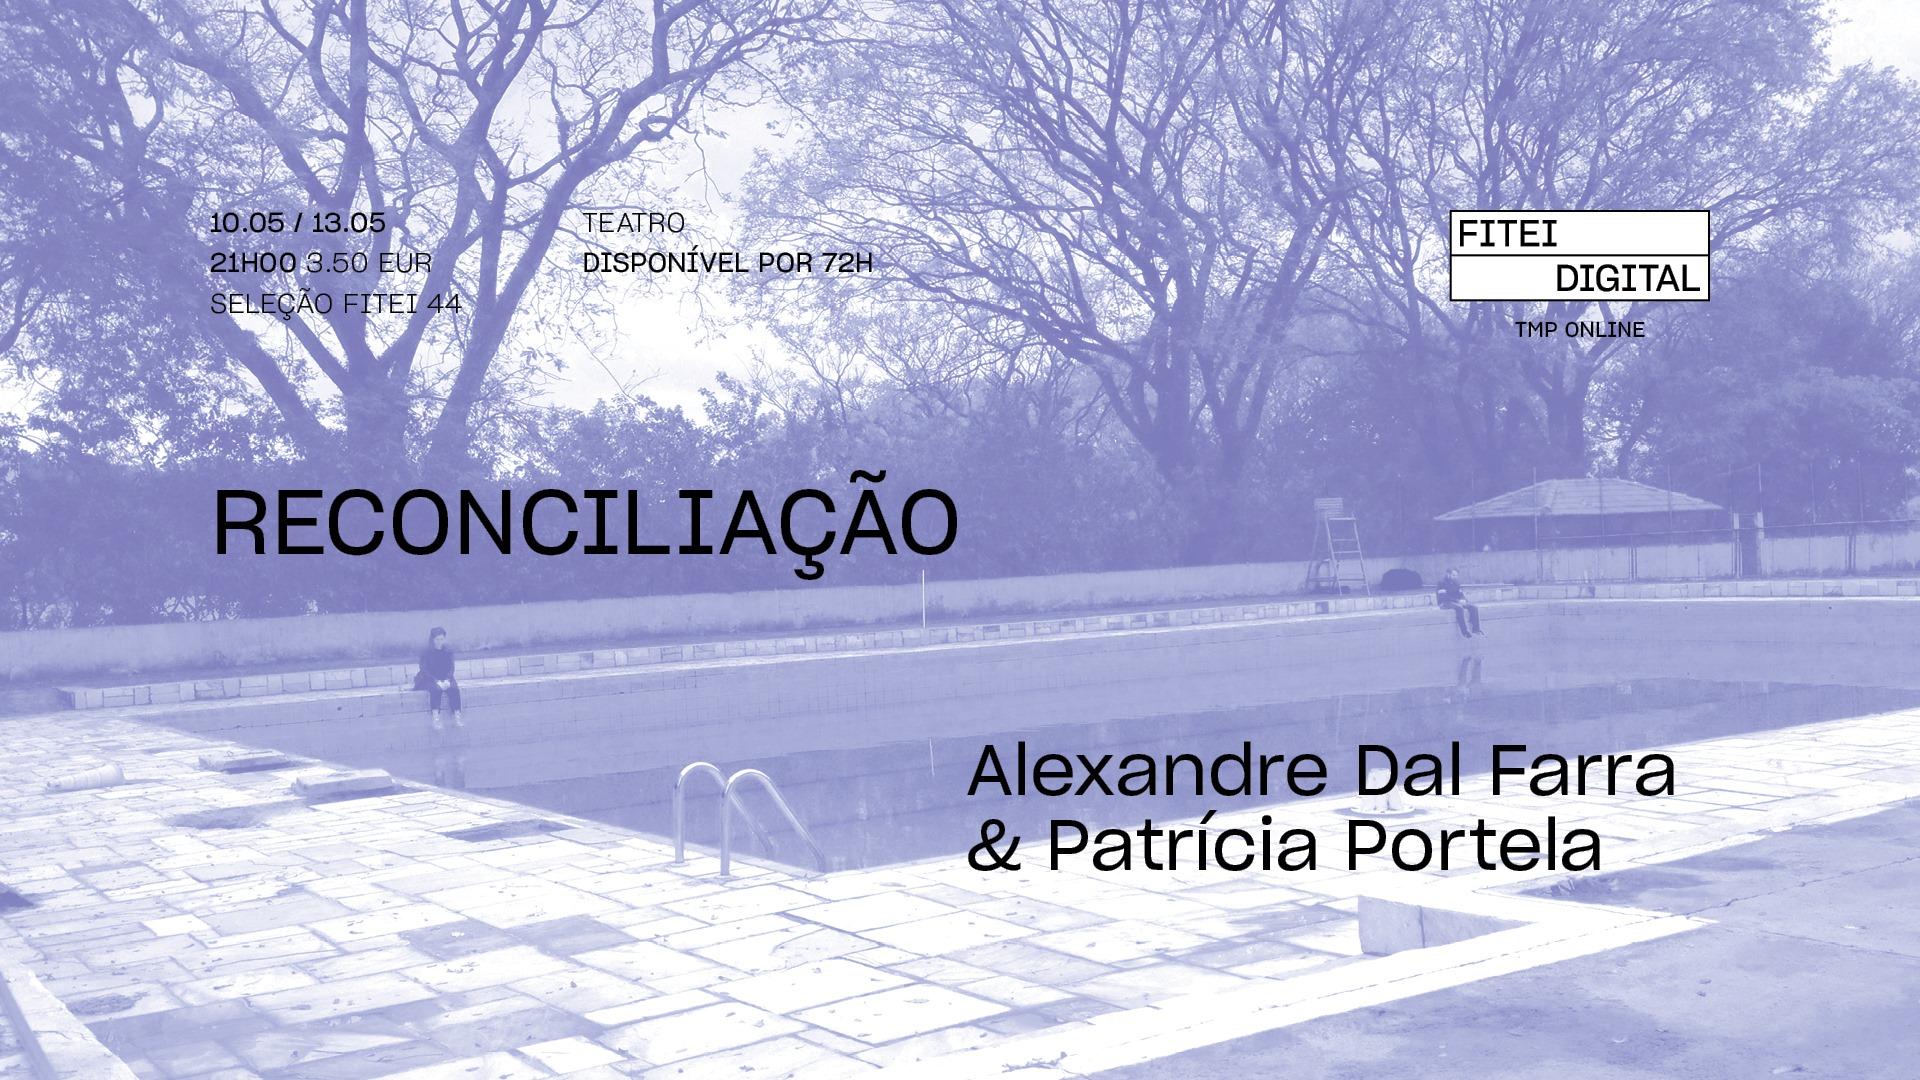 Reconciliação • ALEXANDRE DAL FARRA & PATRÍCIA PORTELA | FITEI Digital